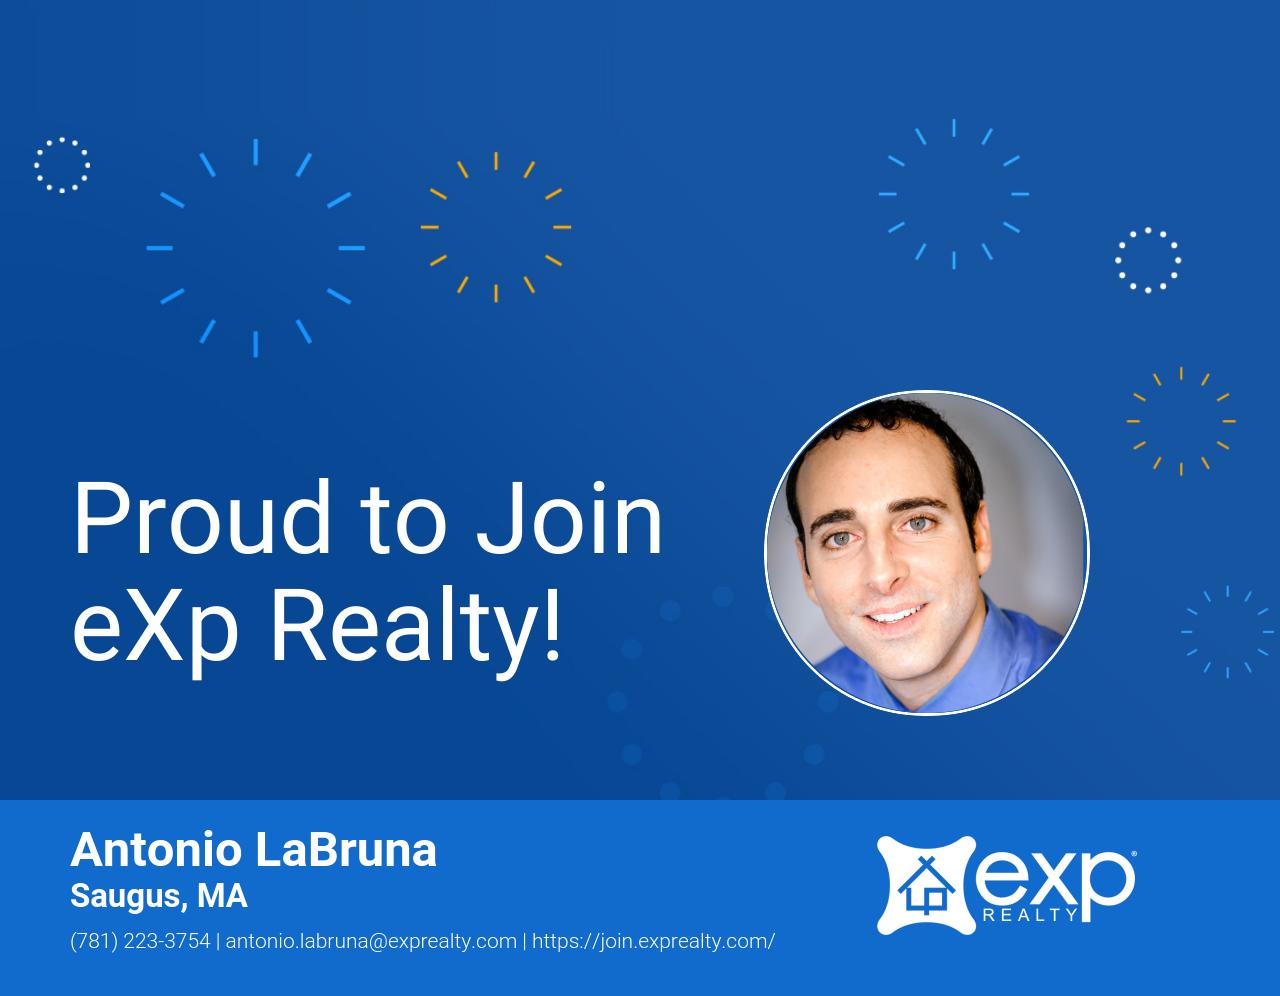 eXp Realty Welcomes Antonio LaBruna!